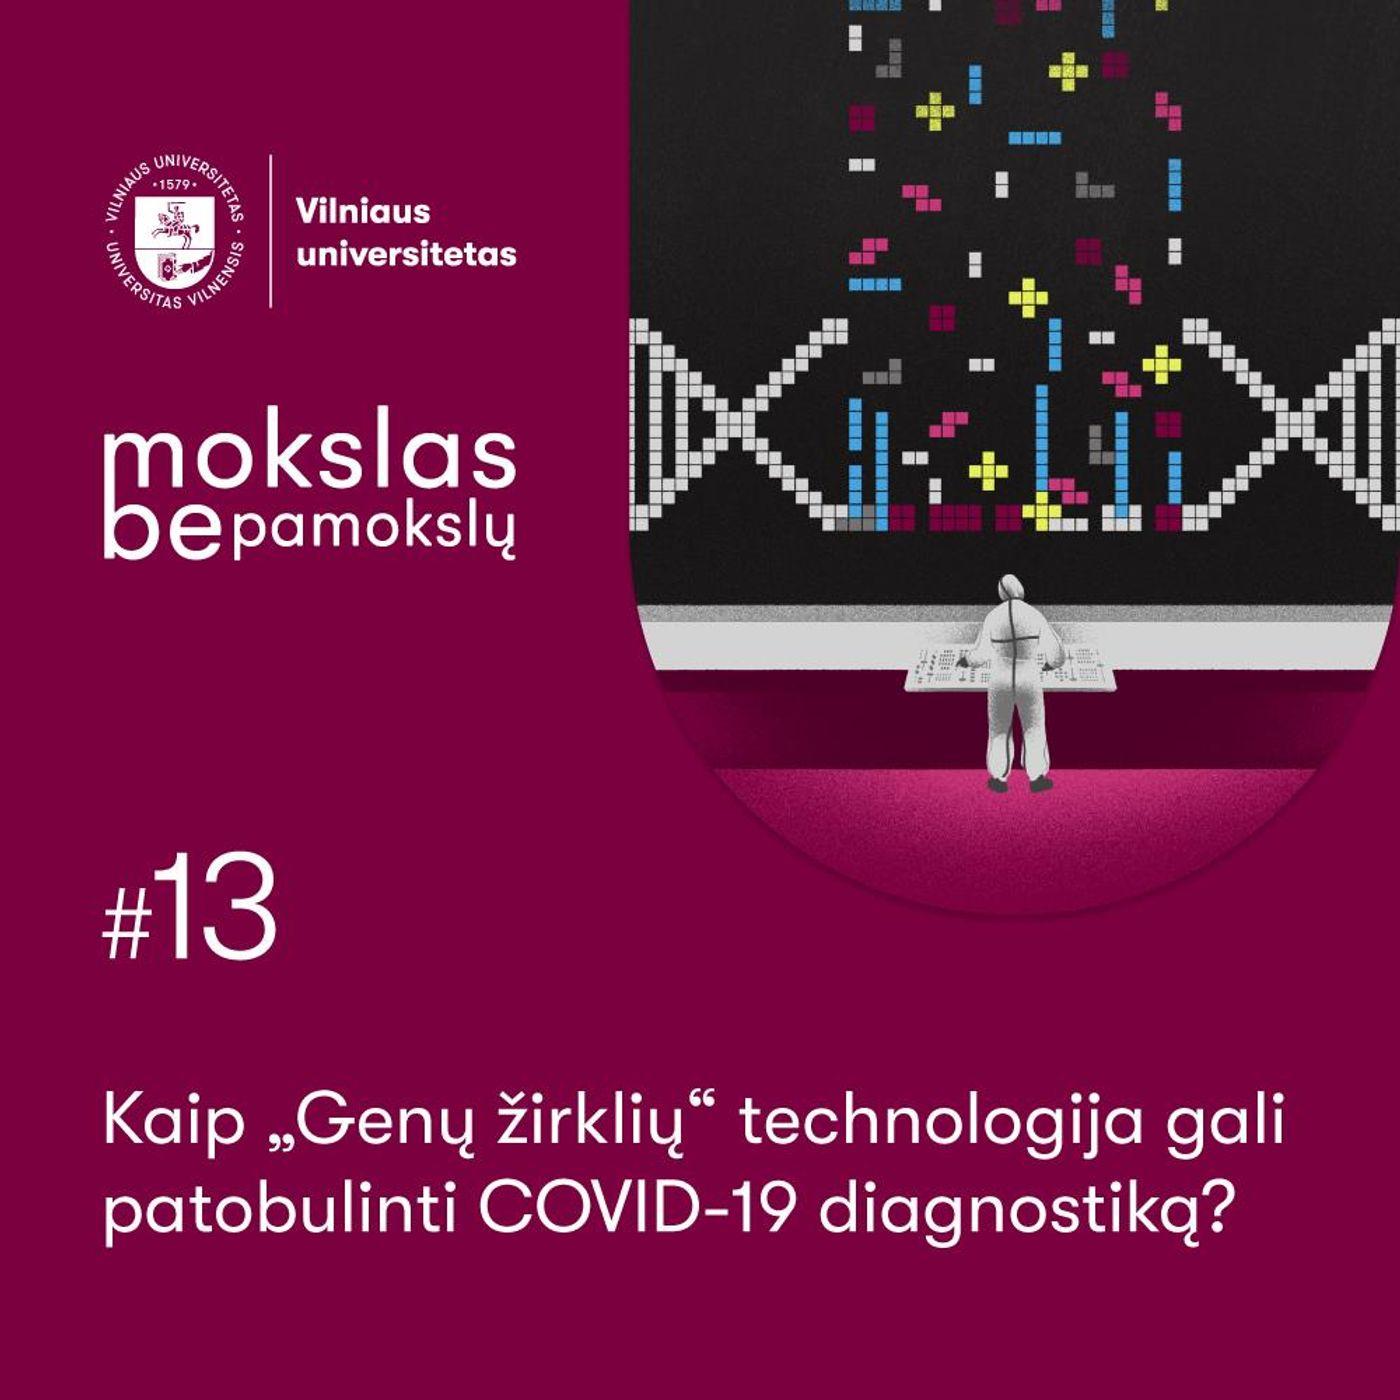 """Mokslas be pamokslų. Kaip """"Genų žirklių"""" technologija gali patobulinti COVID-19 diagnostiką?"""